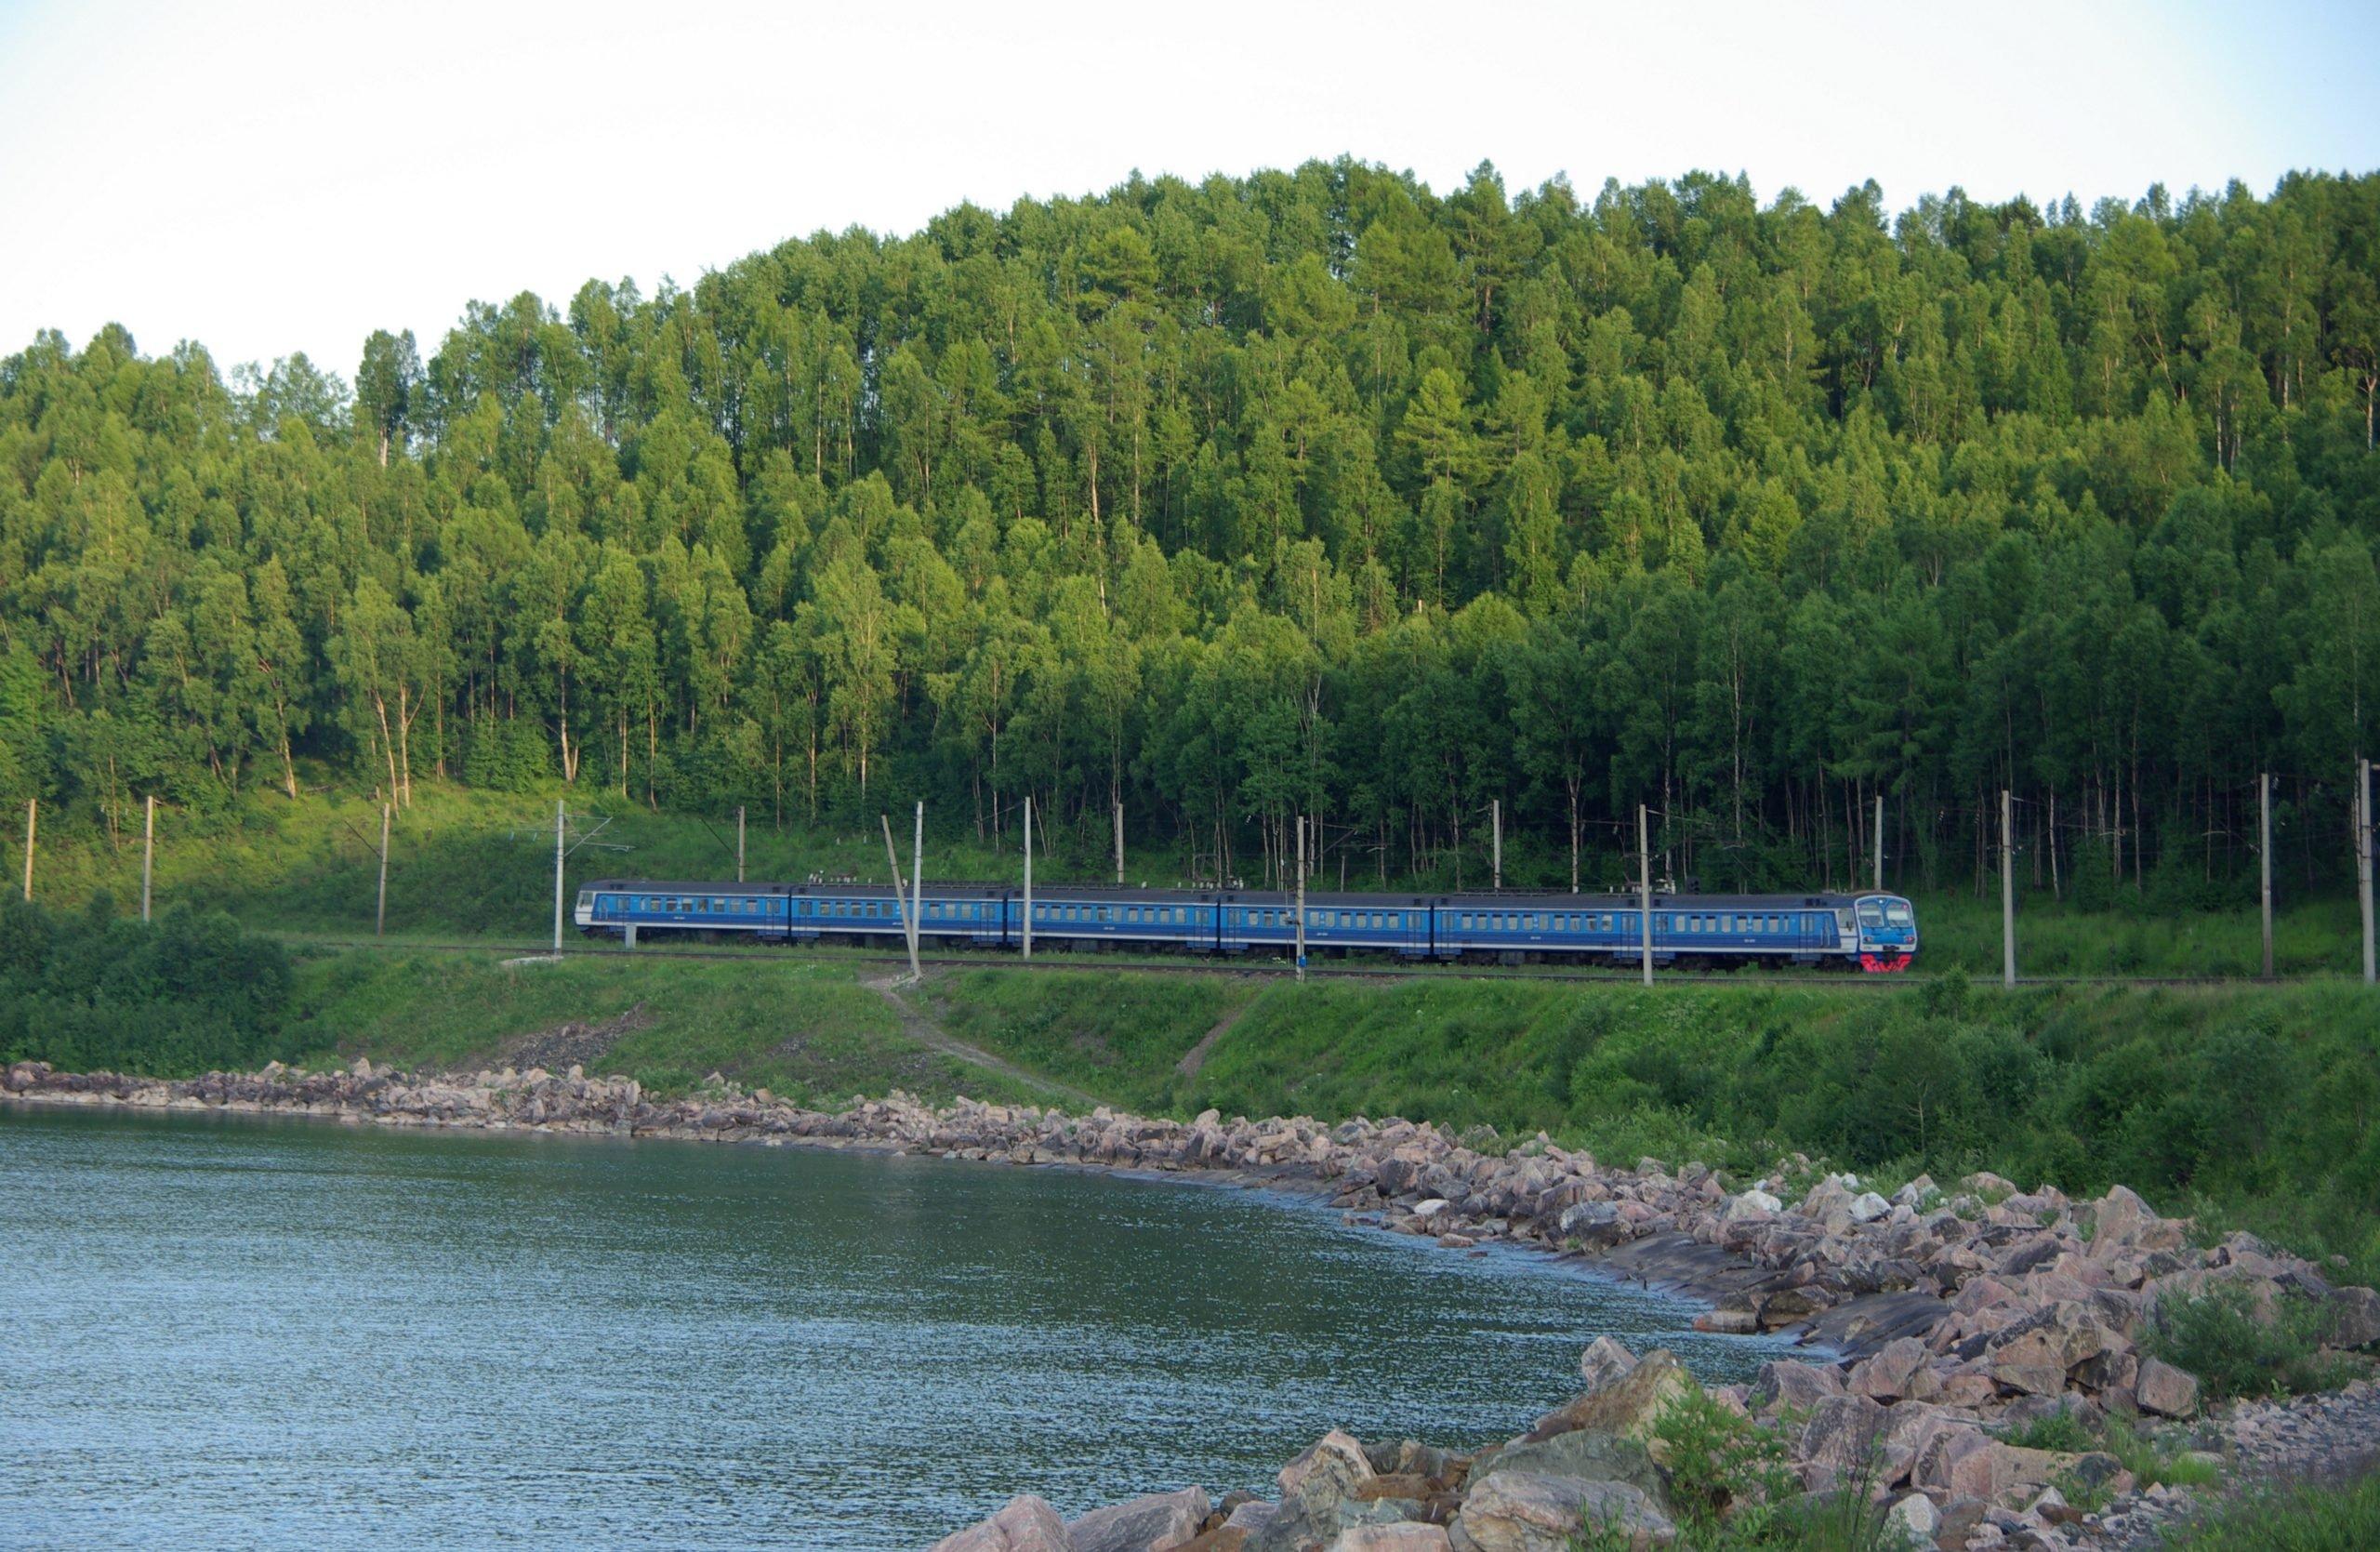 Putovanje Rusija - Bajkalsko jezero (7)